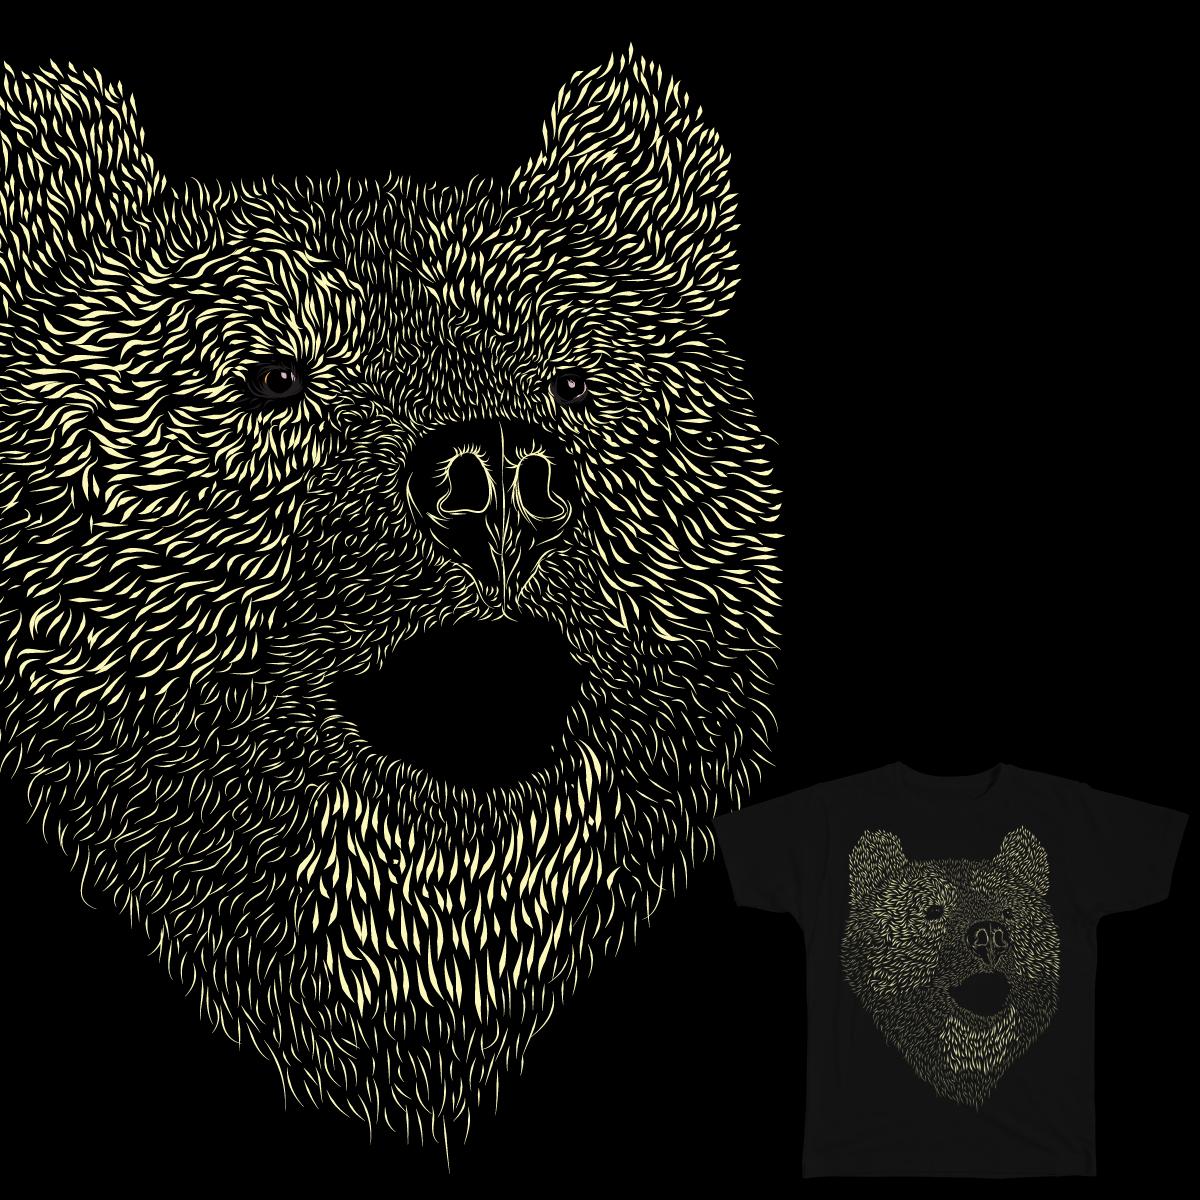 teddy bear. by hey amad on Threadless